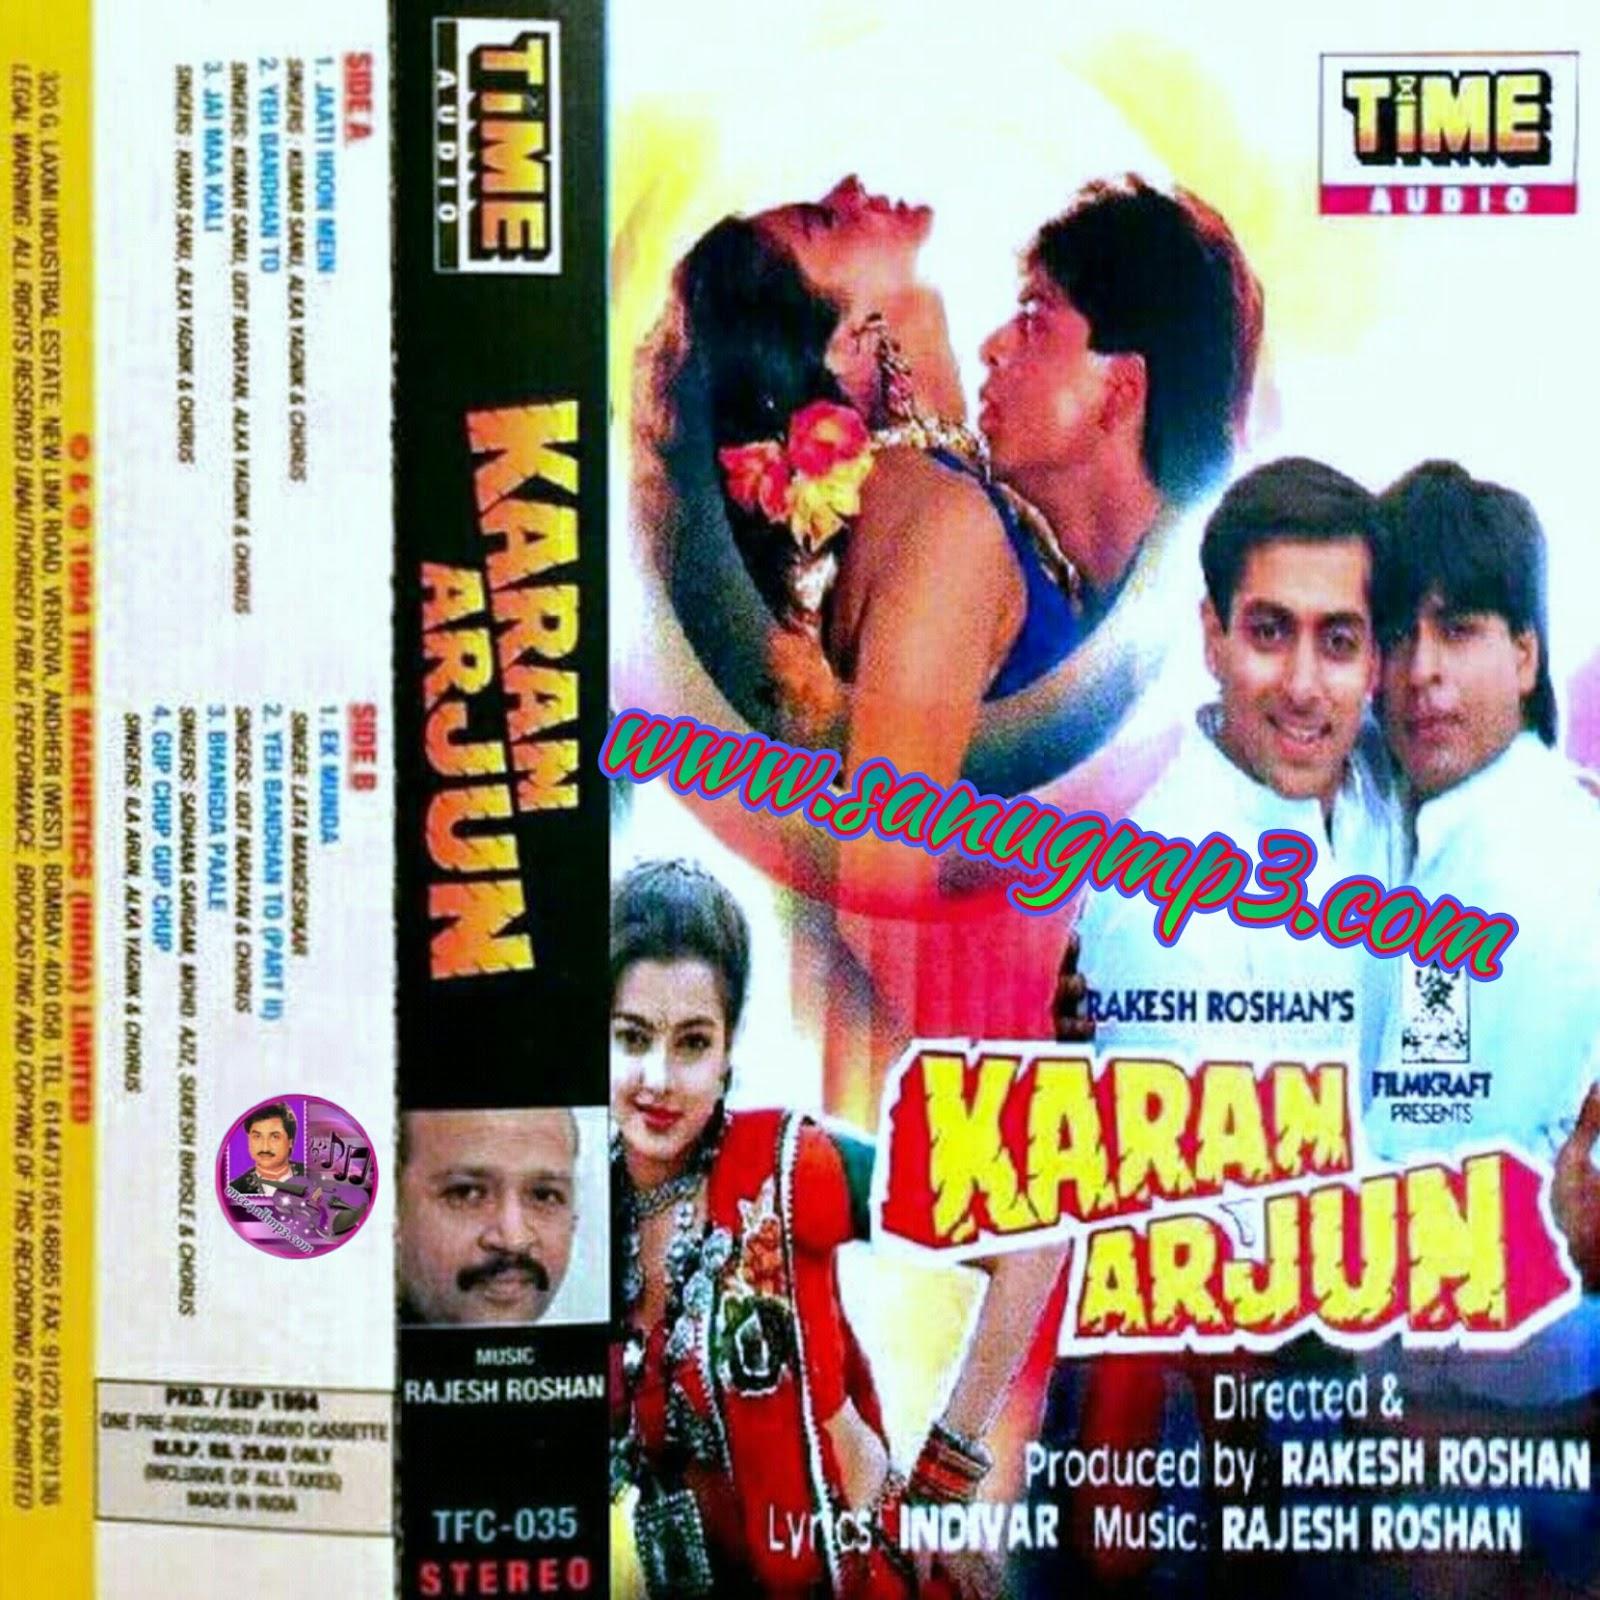 Karan arjun movie hindi mp3 songs by riringhandsi issuu.